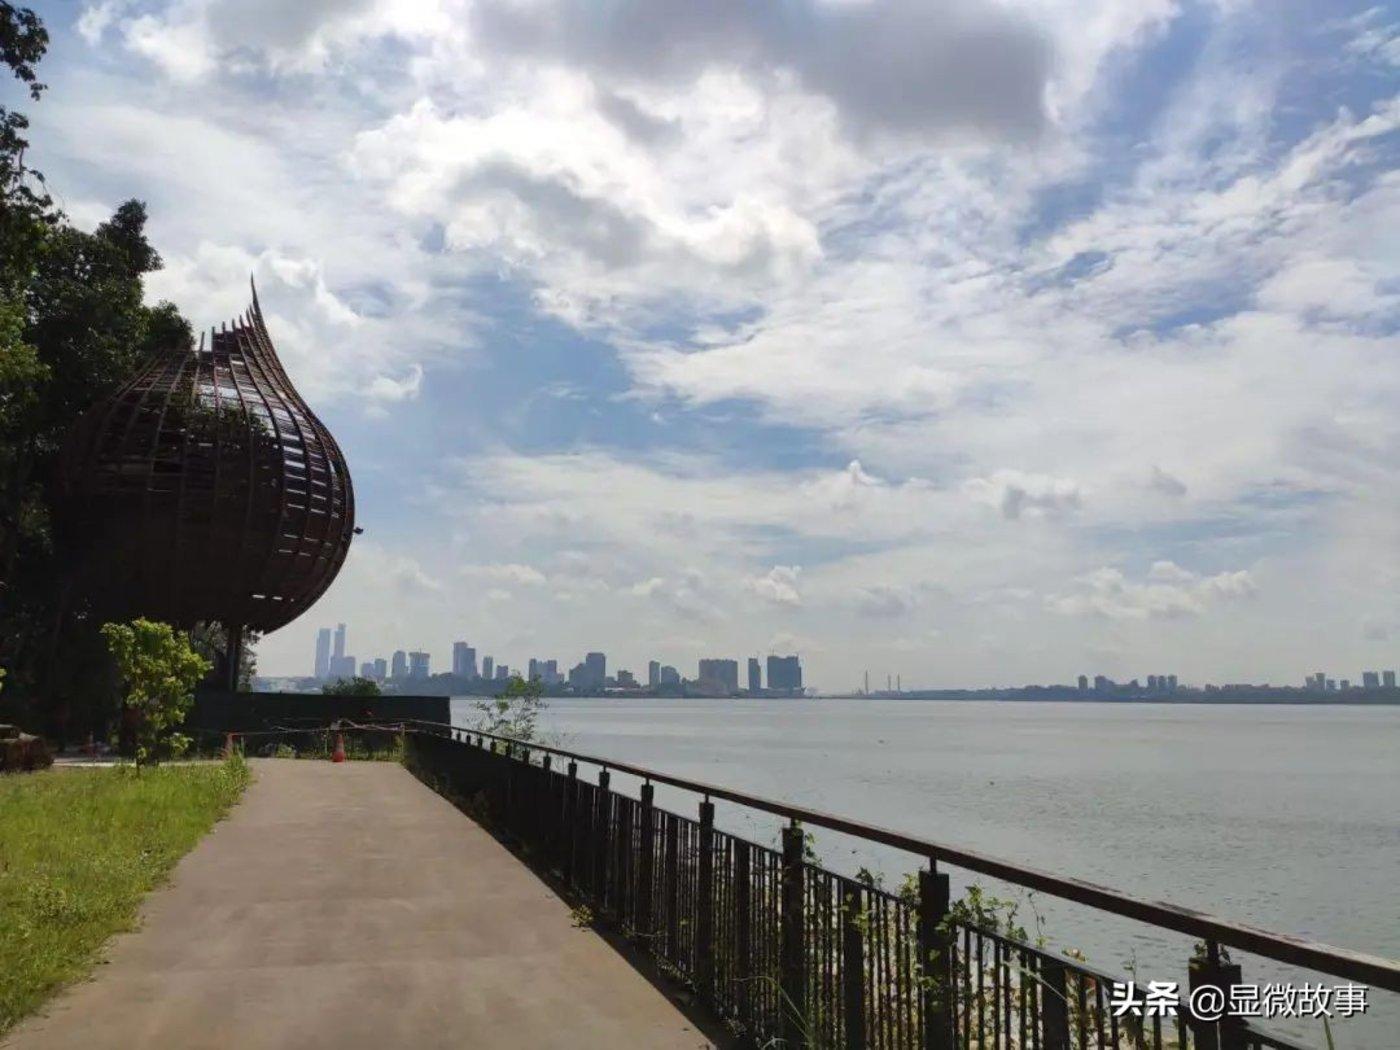 图 | 新加坡街景